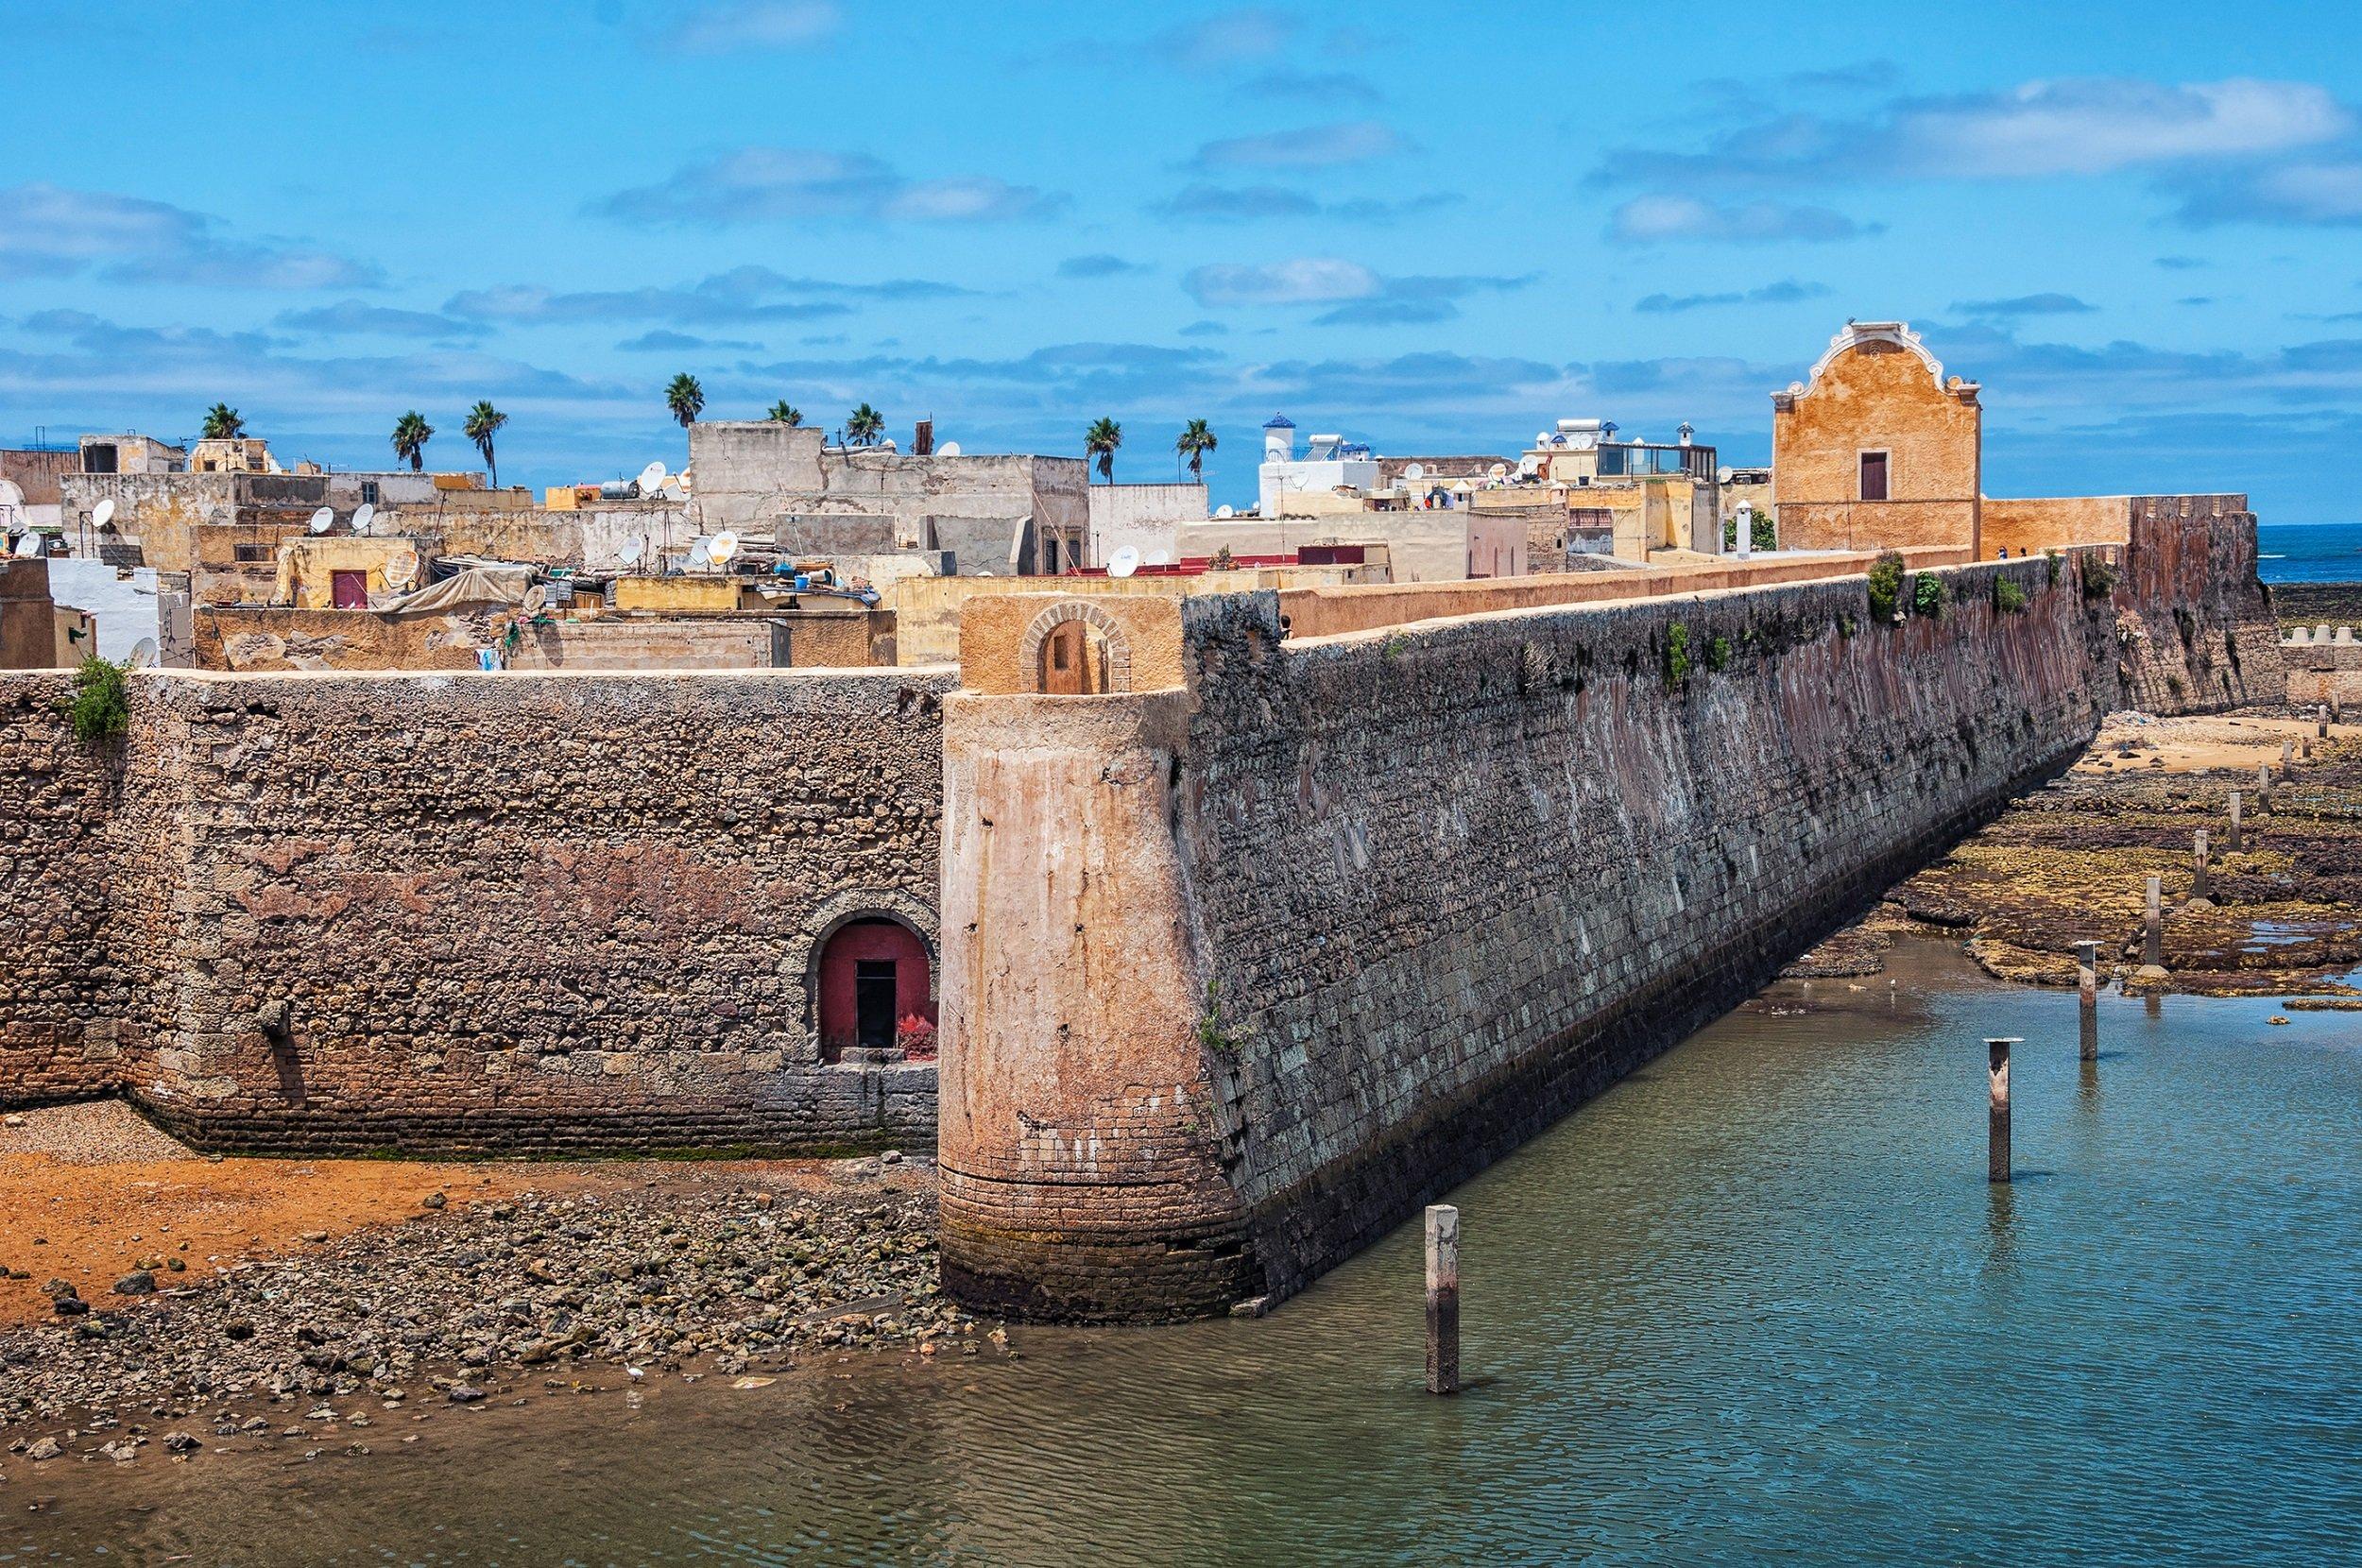 El Jadida Private Tour From Casablanca (6)